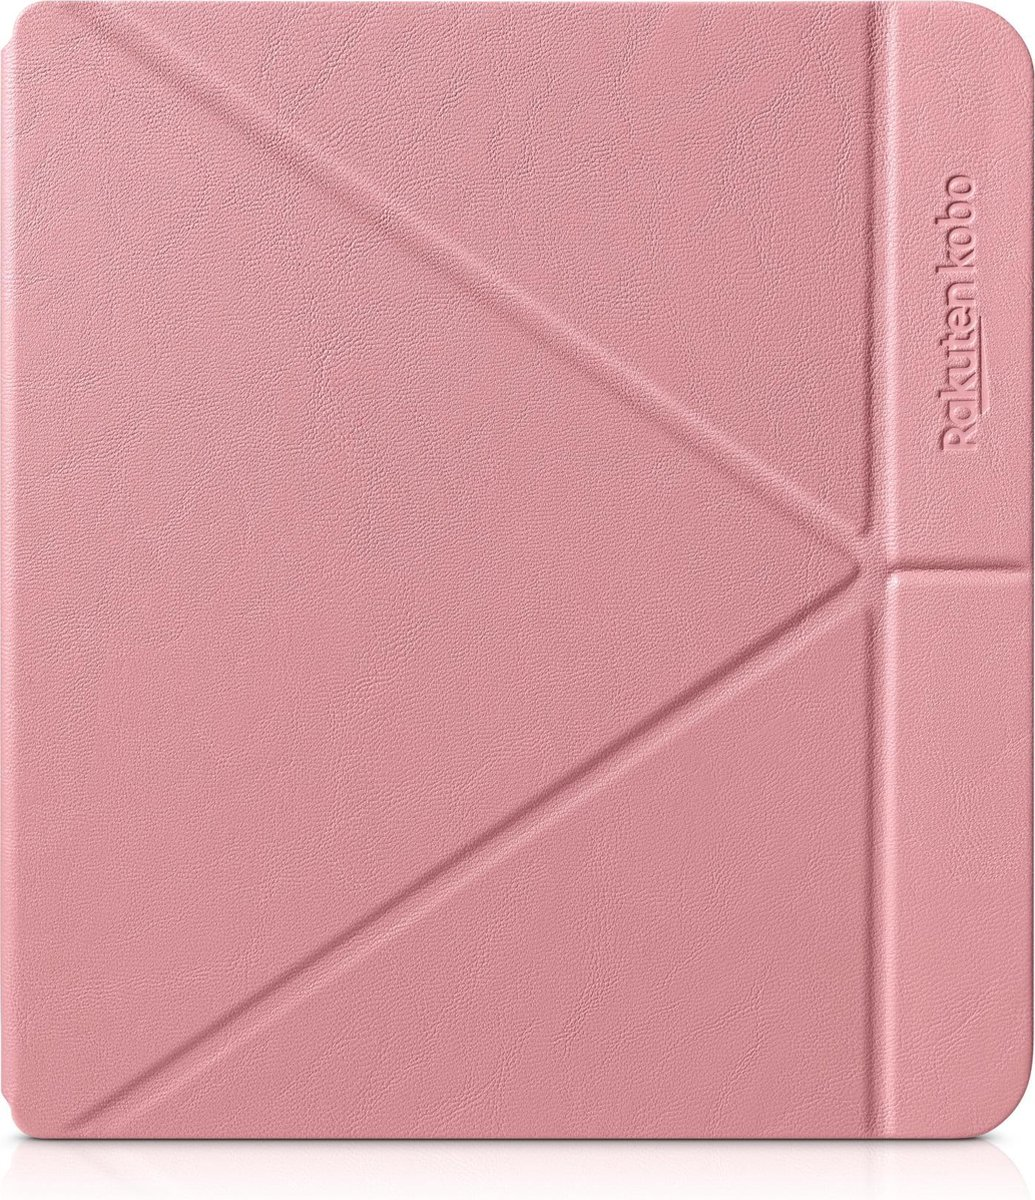 Kobo - Beschermhoes Sleepcover voor Kobo Libra - Roze